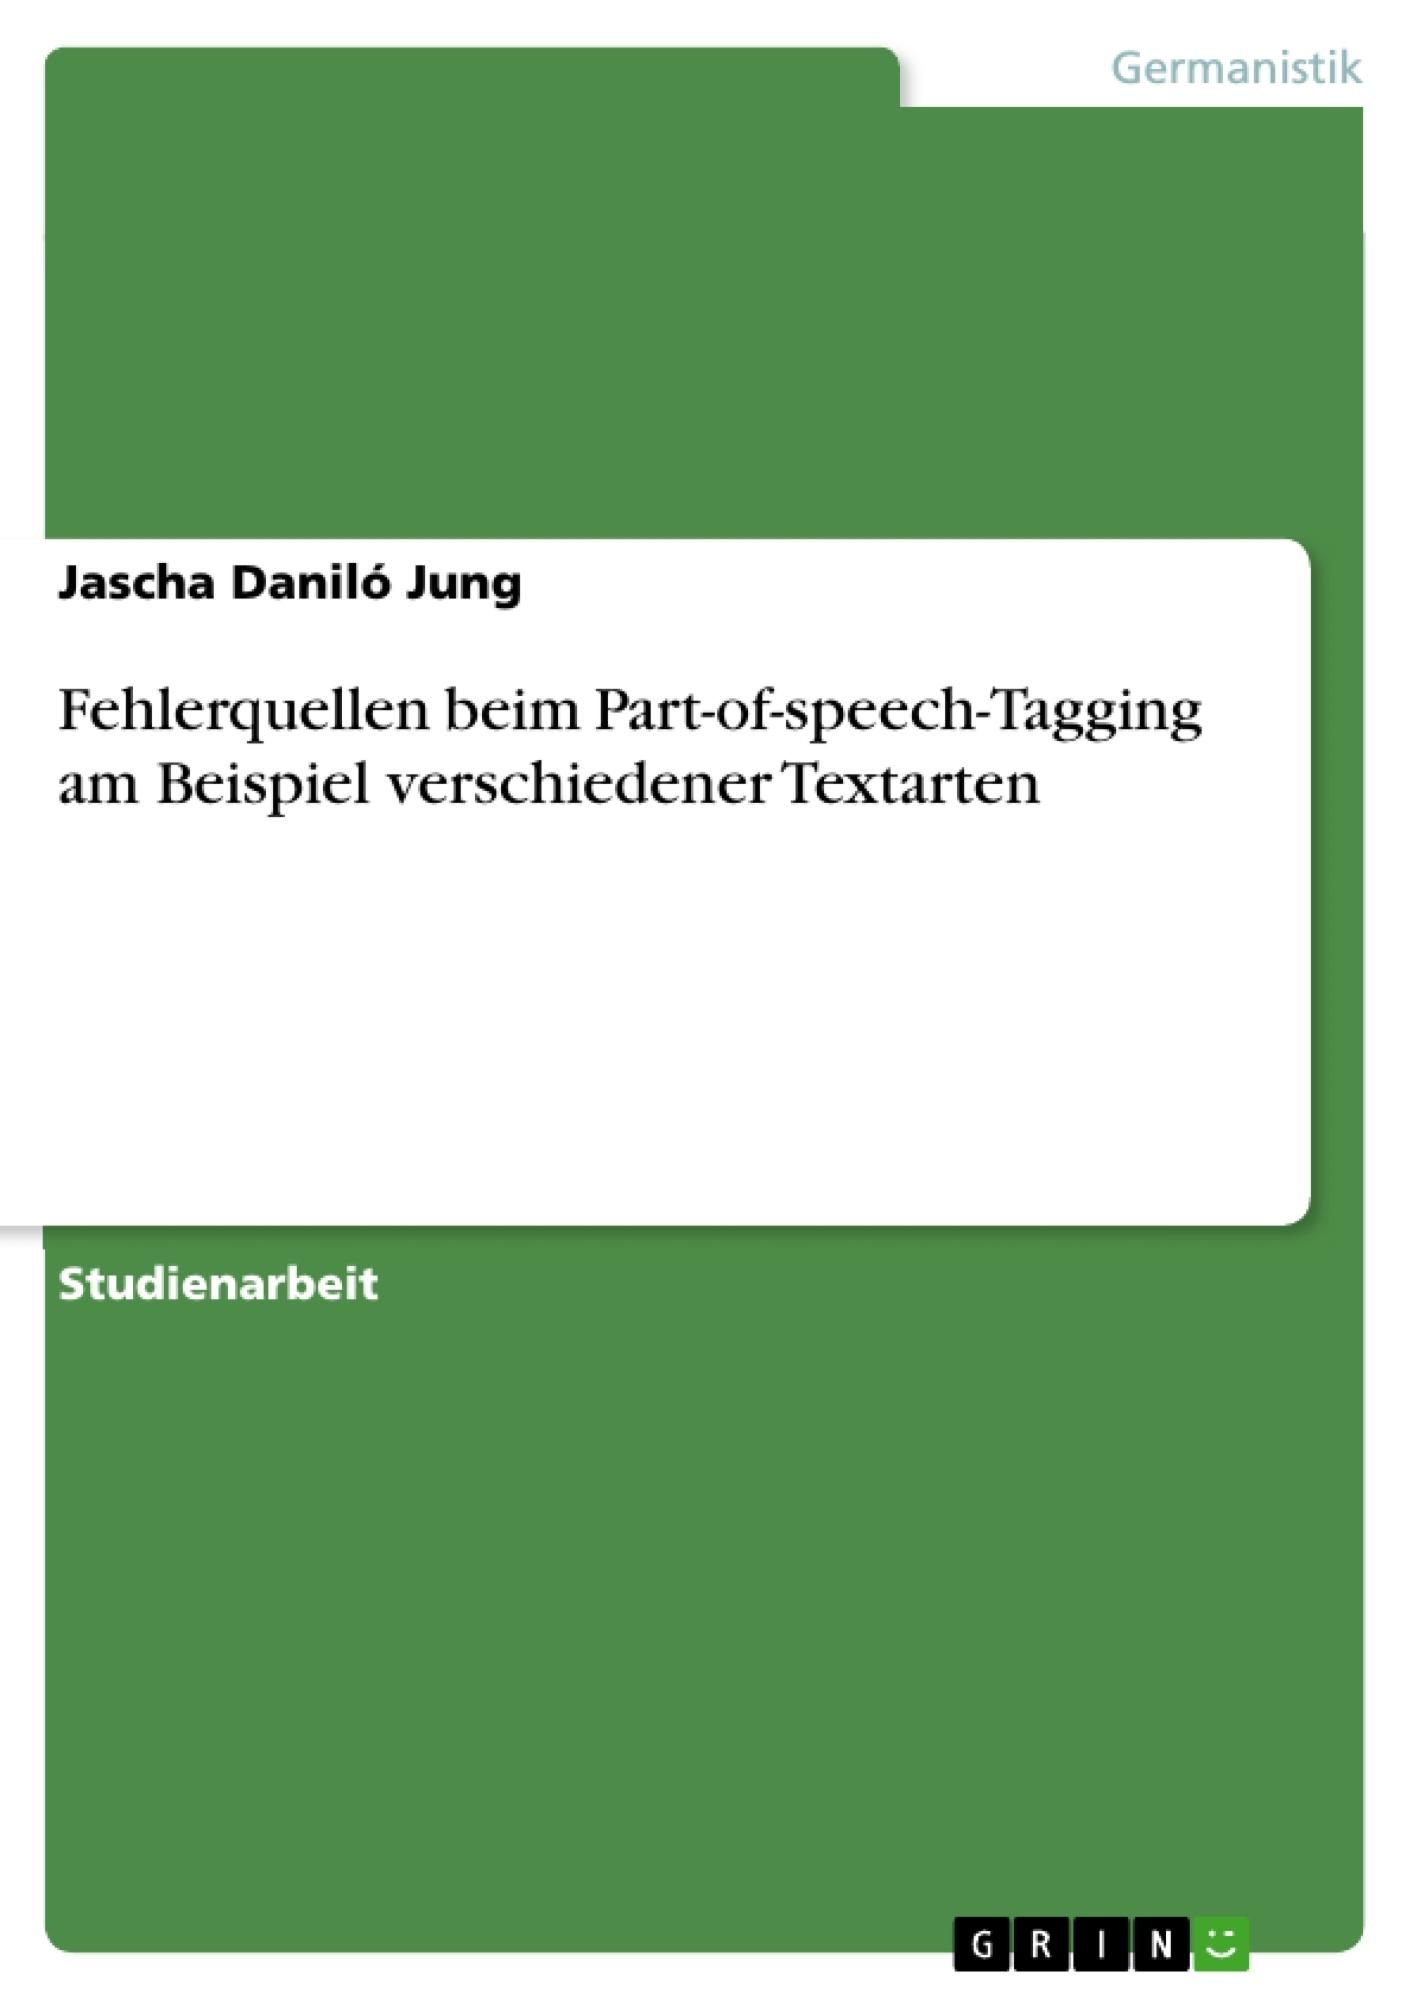 Titel: Fehlerquellen beim Part-of-speech-Tagging am Beispiel verschiedener Textarten